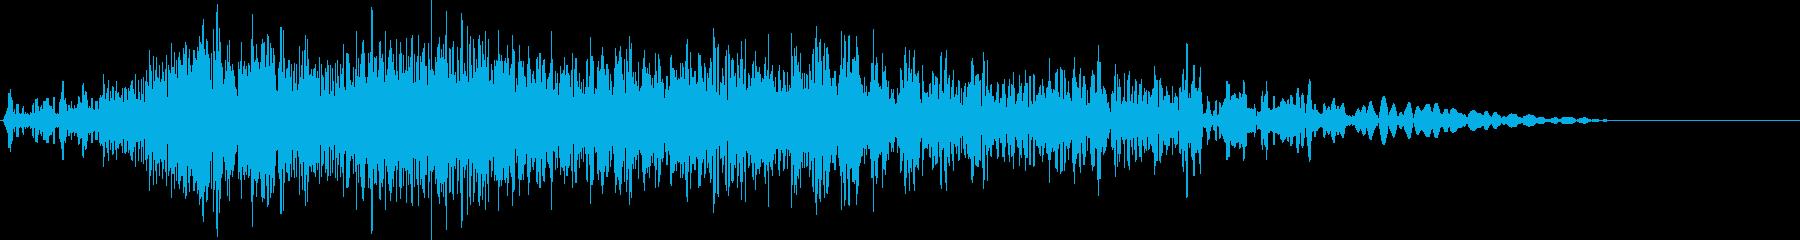 ローエンドヒューシュインとフィルタ...の再生済みの波形